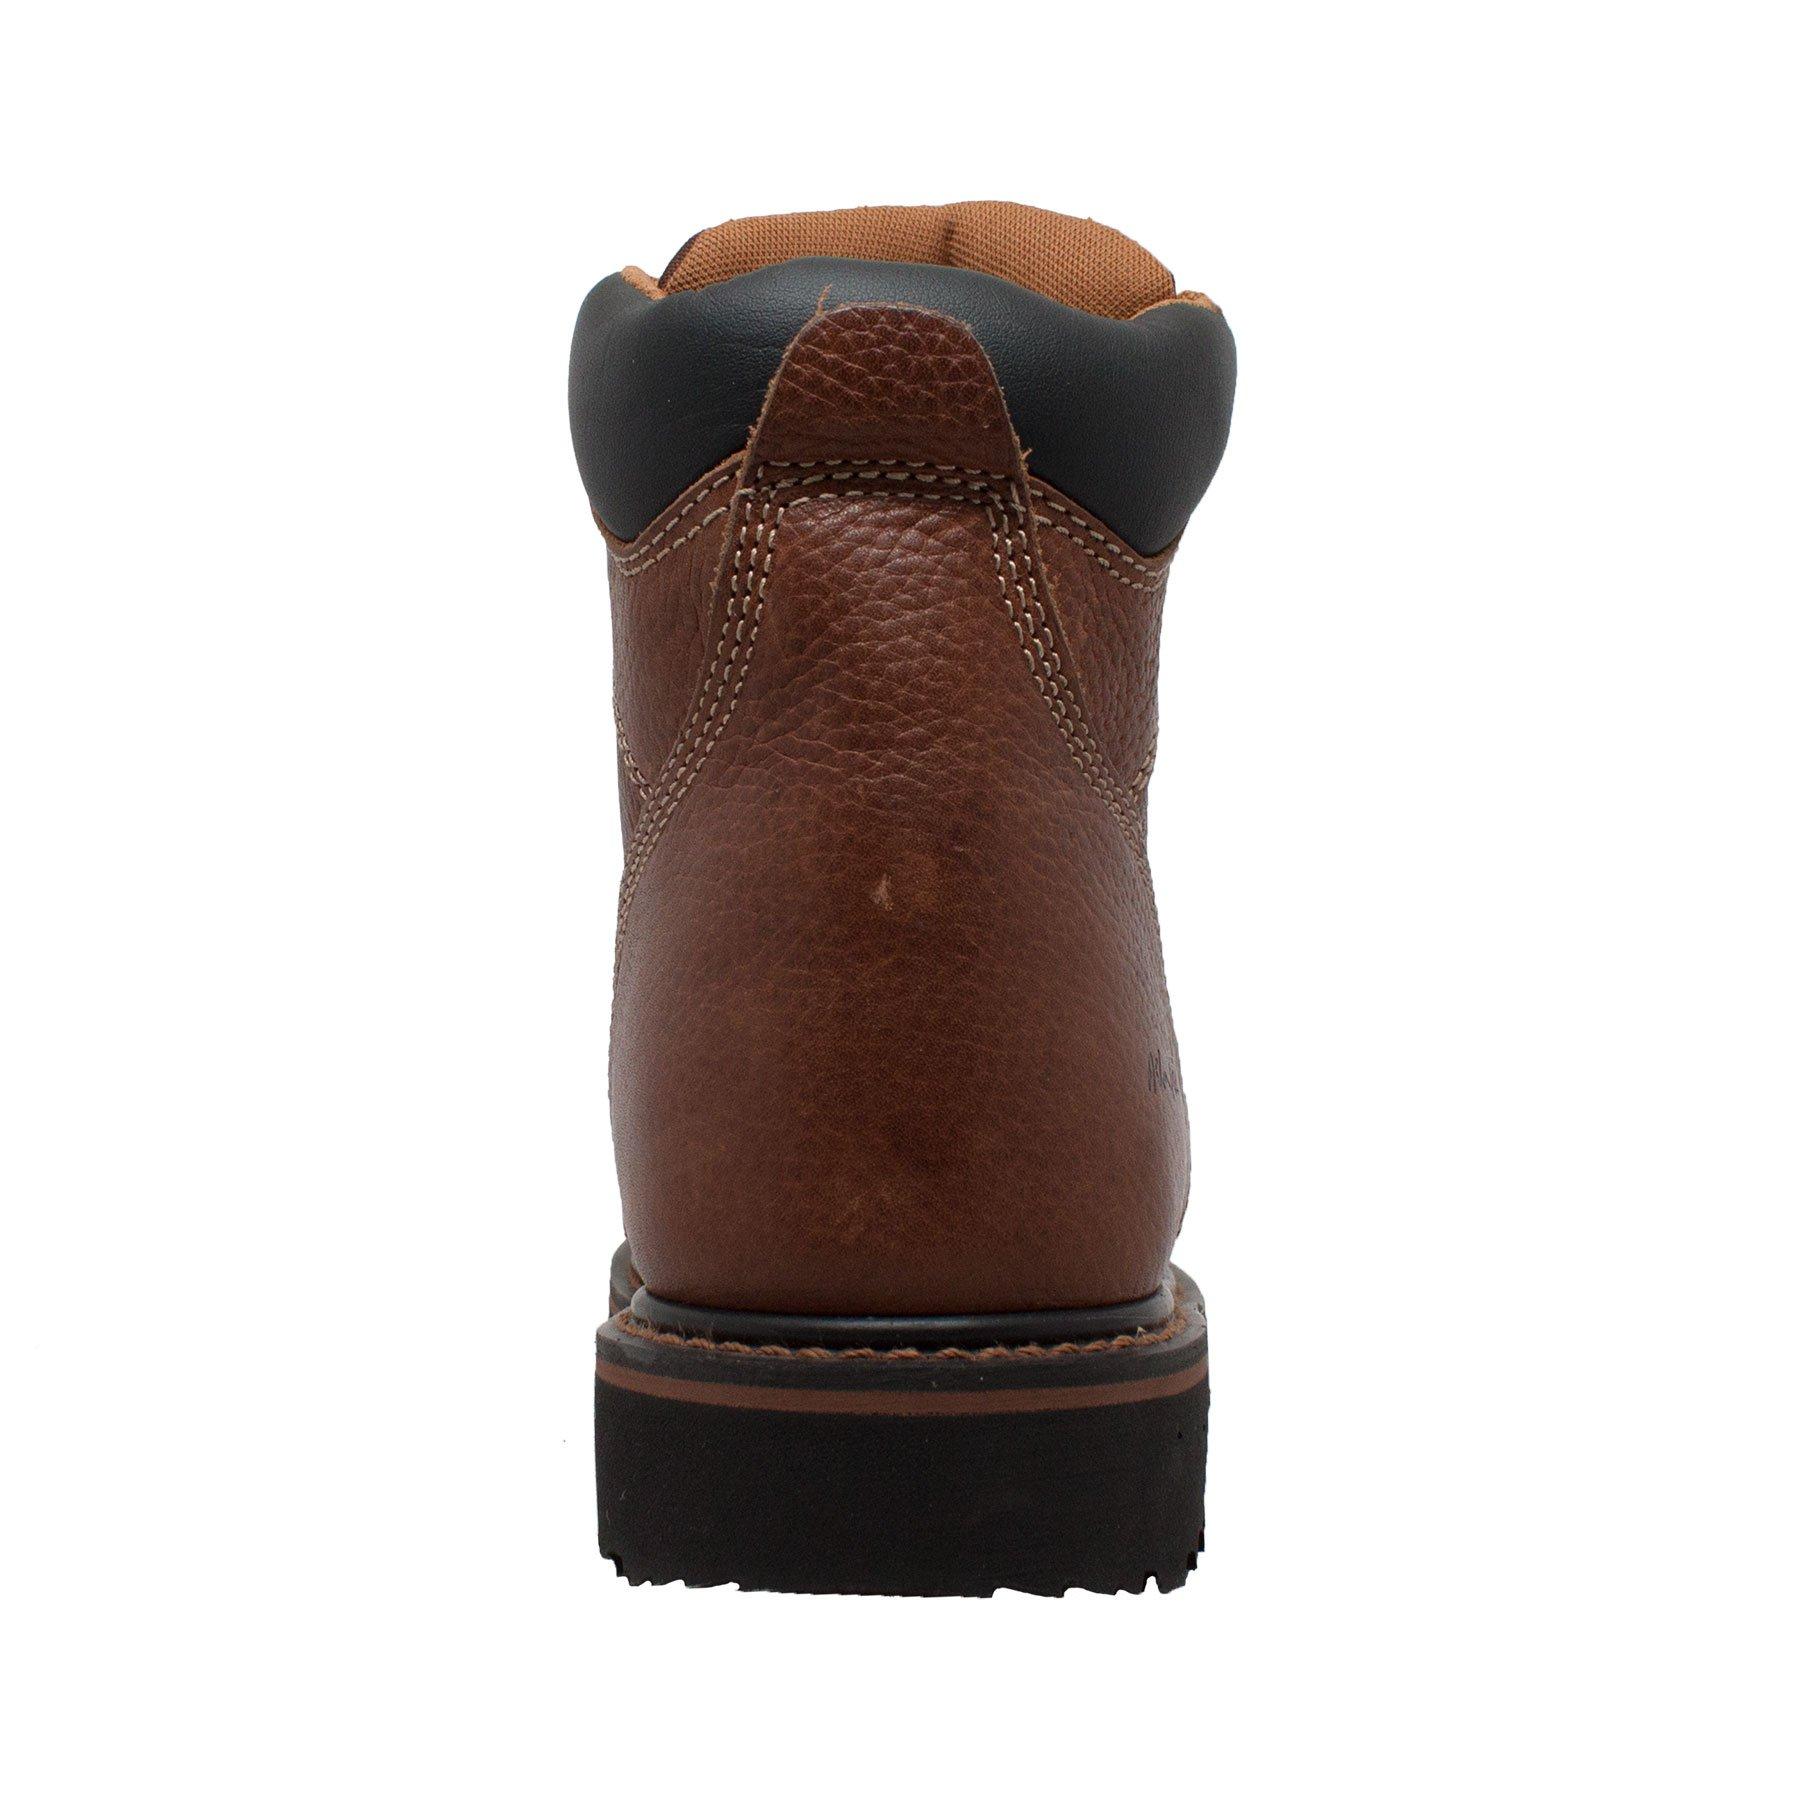 Adtec Men's 6 inch Comfort Work Boot, Light Brown, 8.5 W US by Adtec (Image #3)